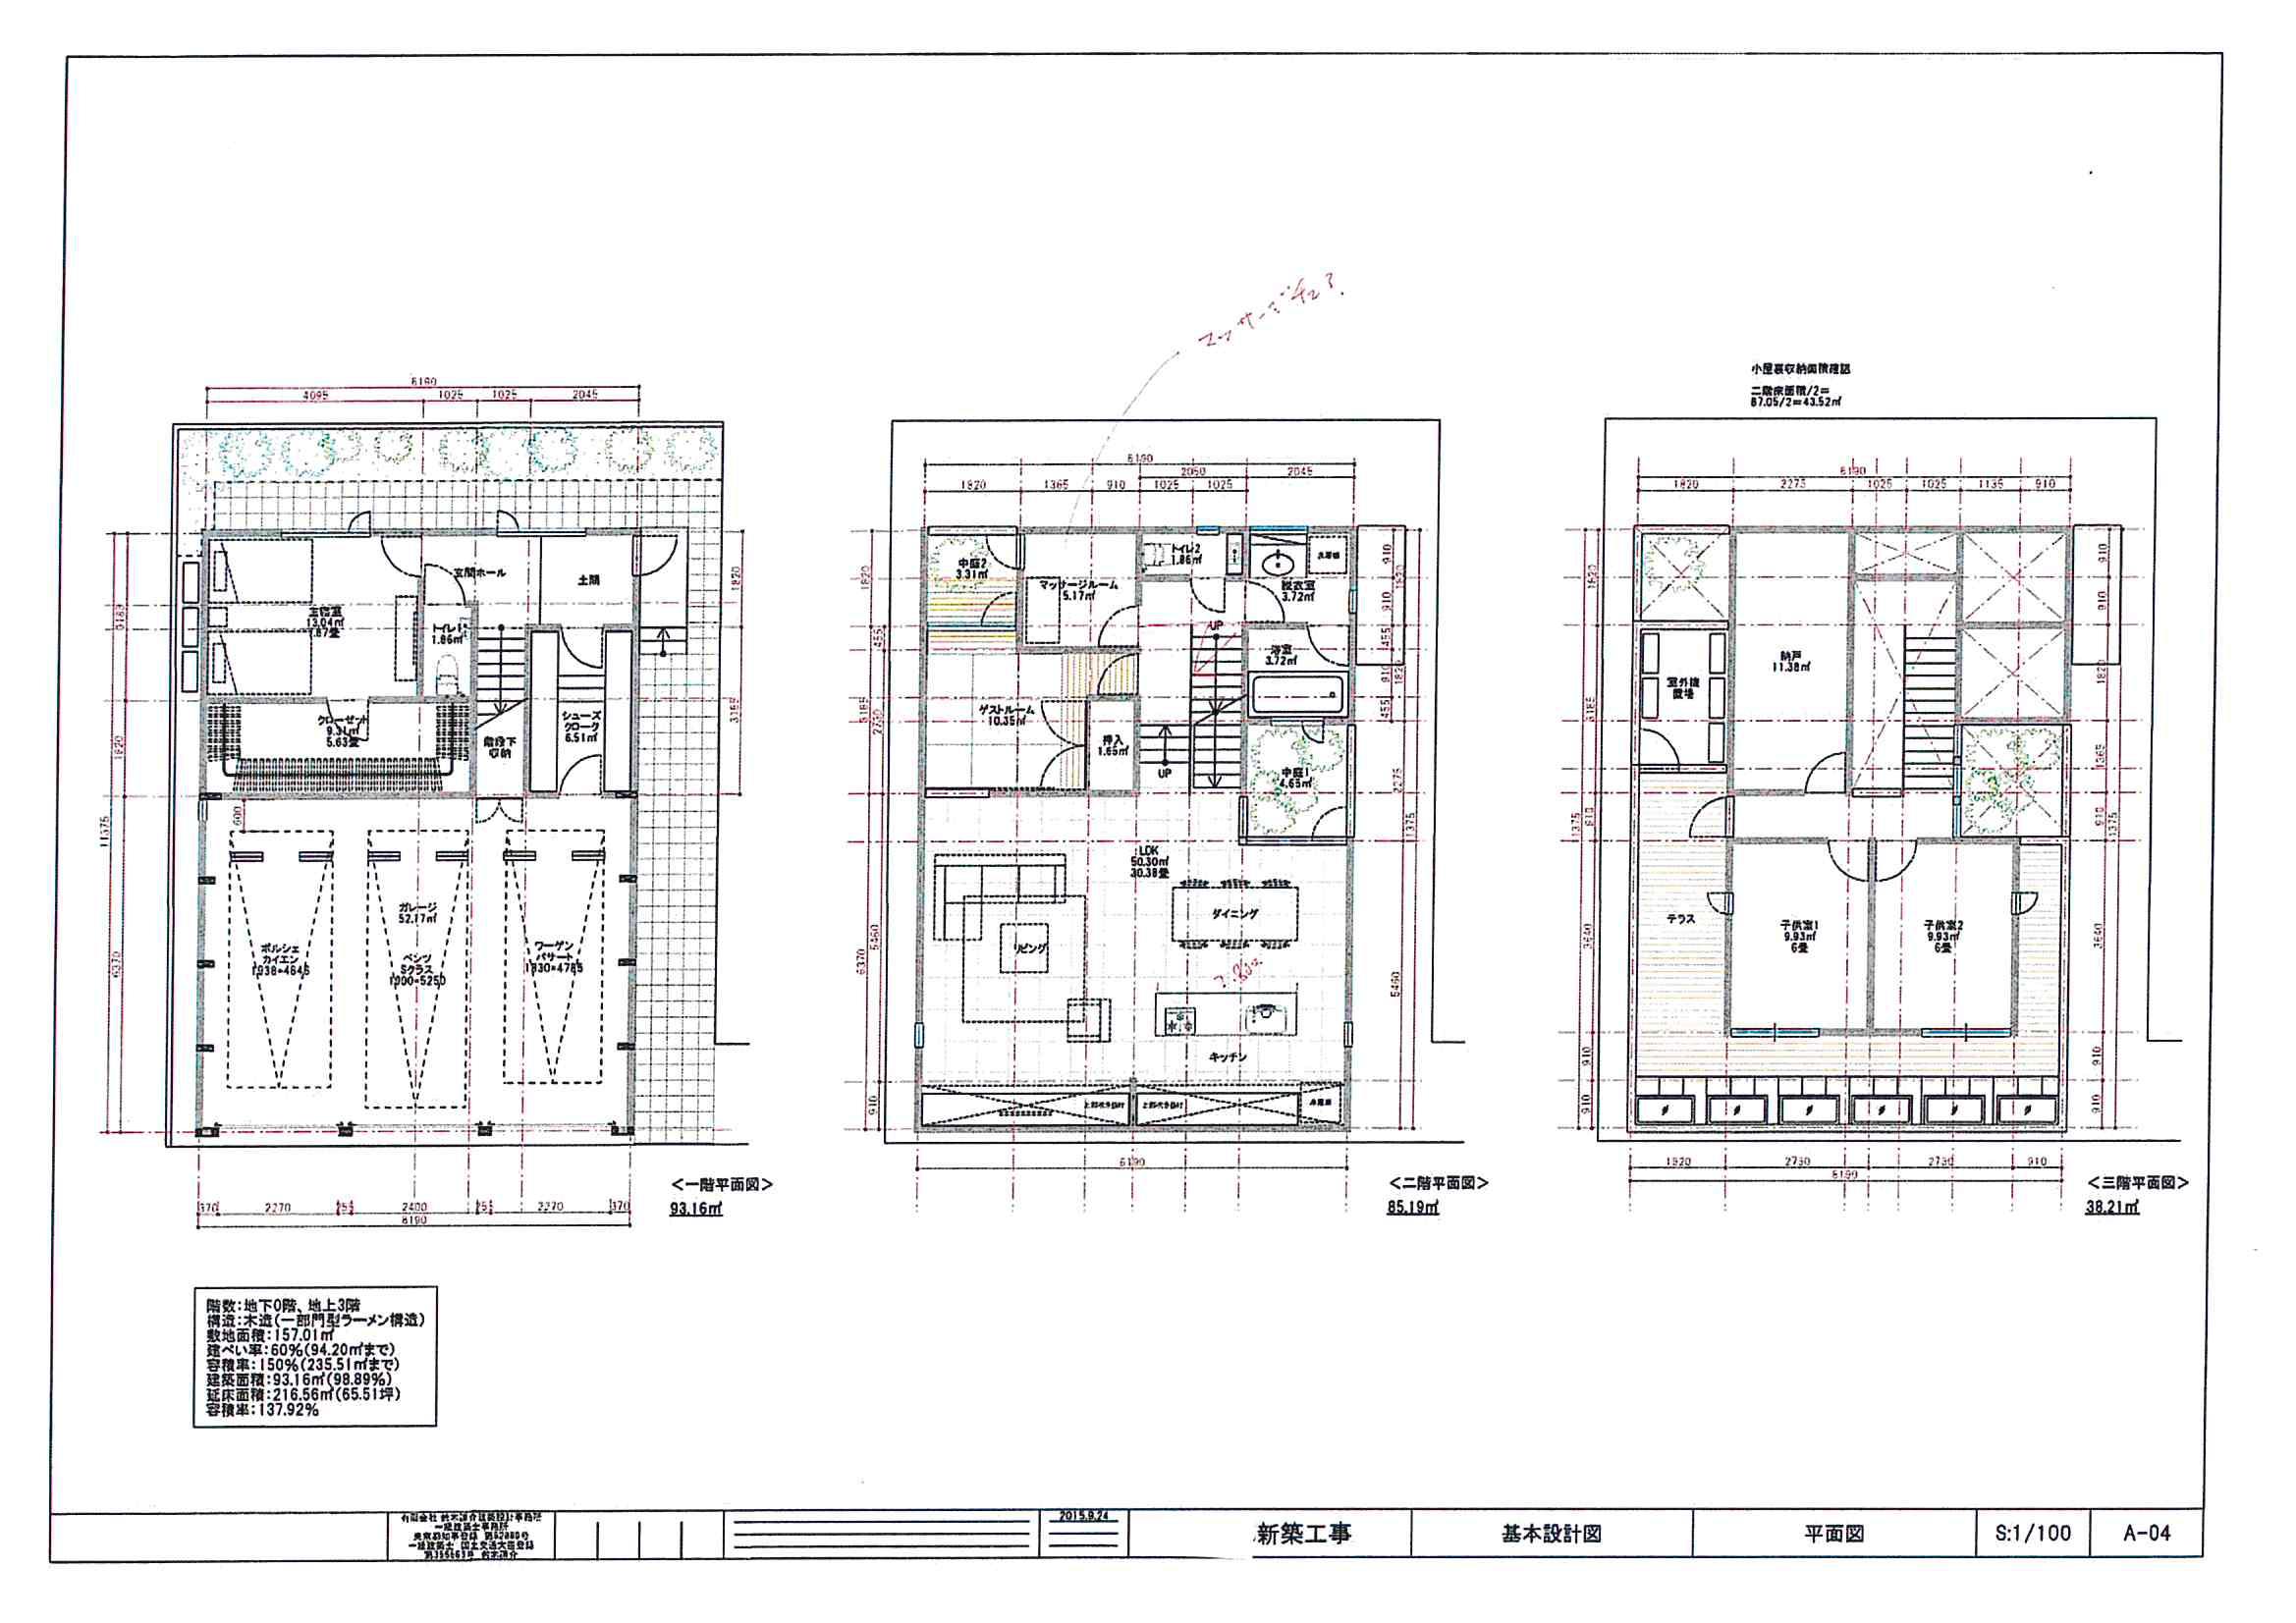 47坪の土地に建てる、高級感のある3階建てモダン住宅 〈後編〉 | ベルク